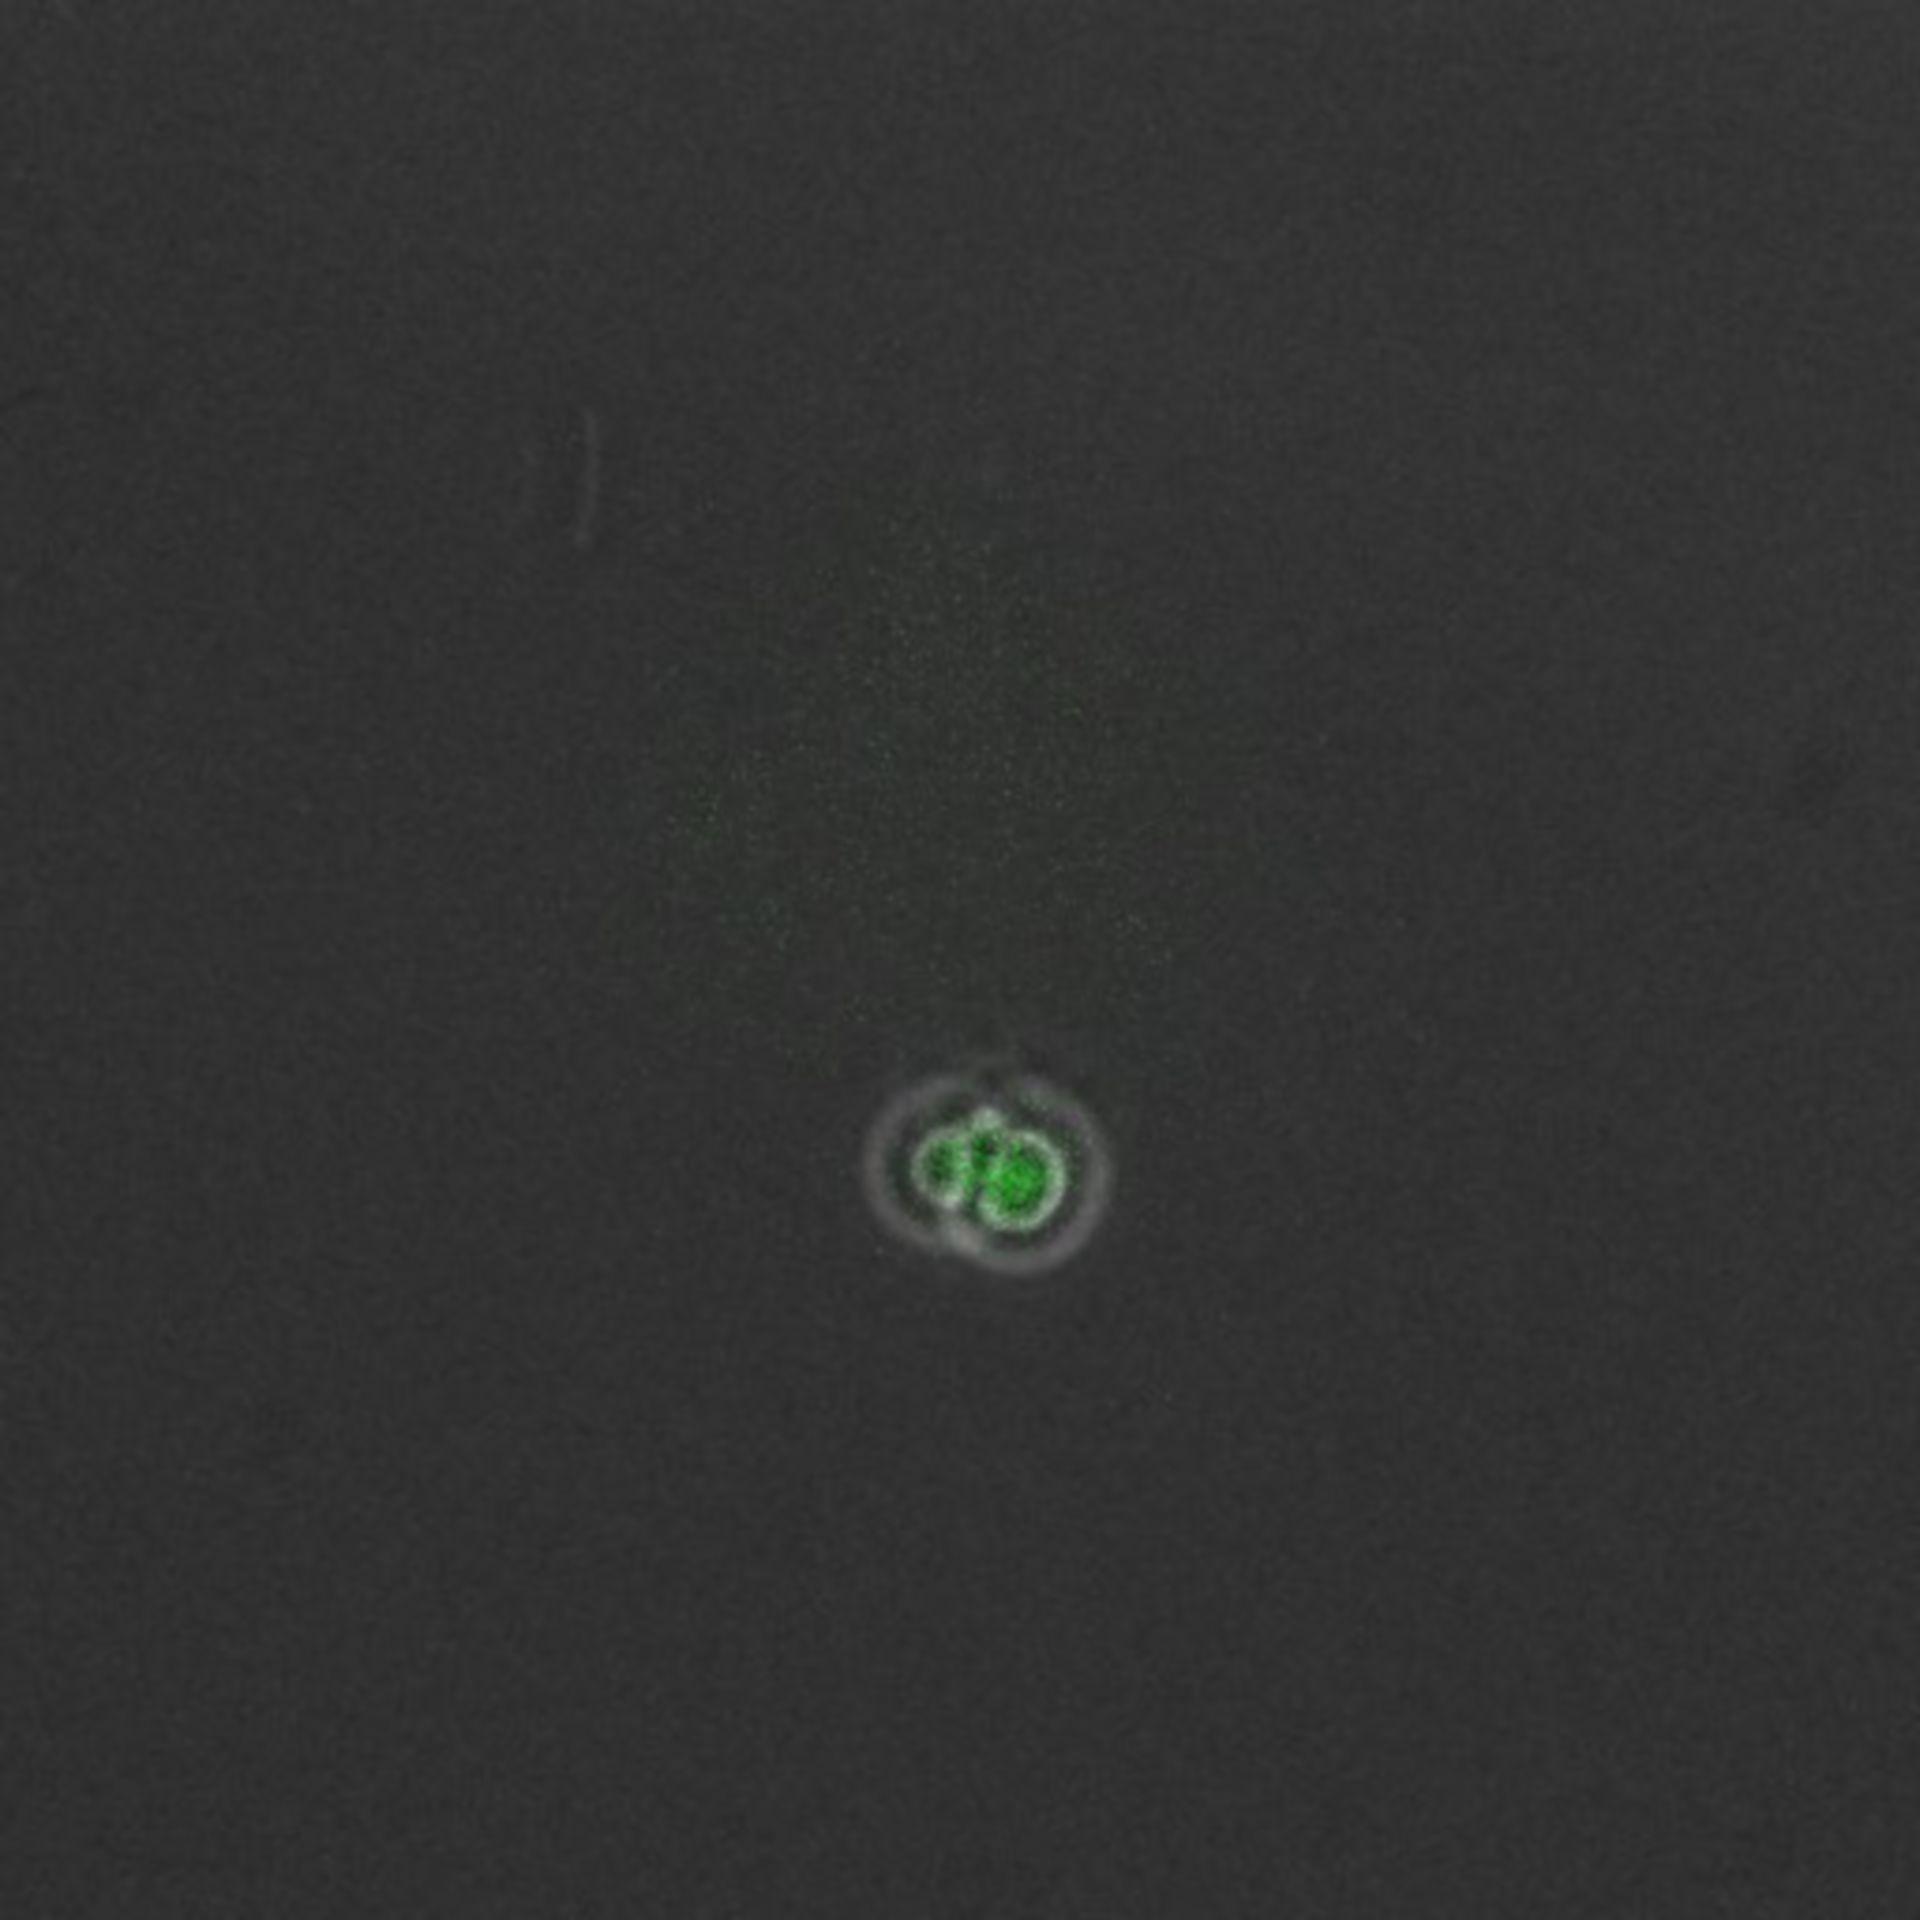 Saccharomyces cerevisiae (complesso preiniziazione replicazione DNA - CIL:35665